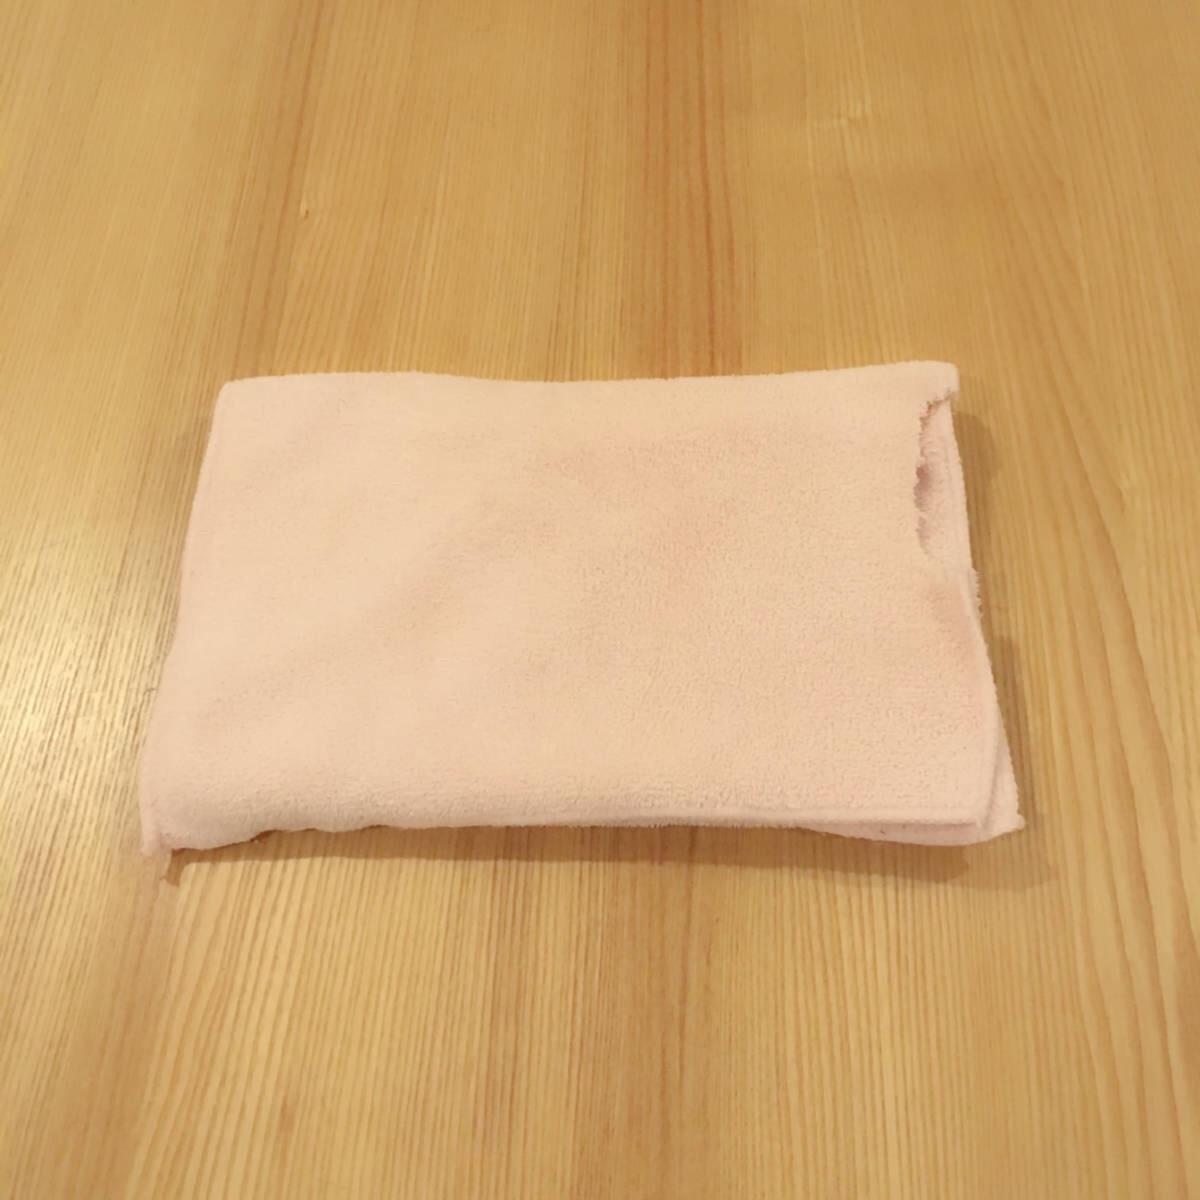 飼い猫のウールサッキングによって一部が欠けたタオル。